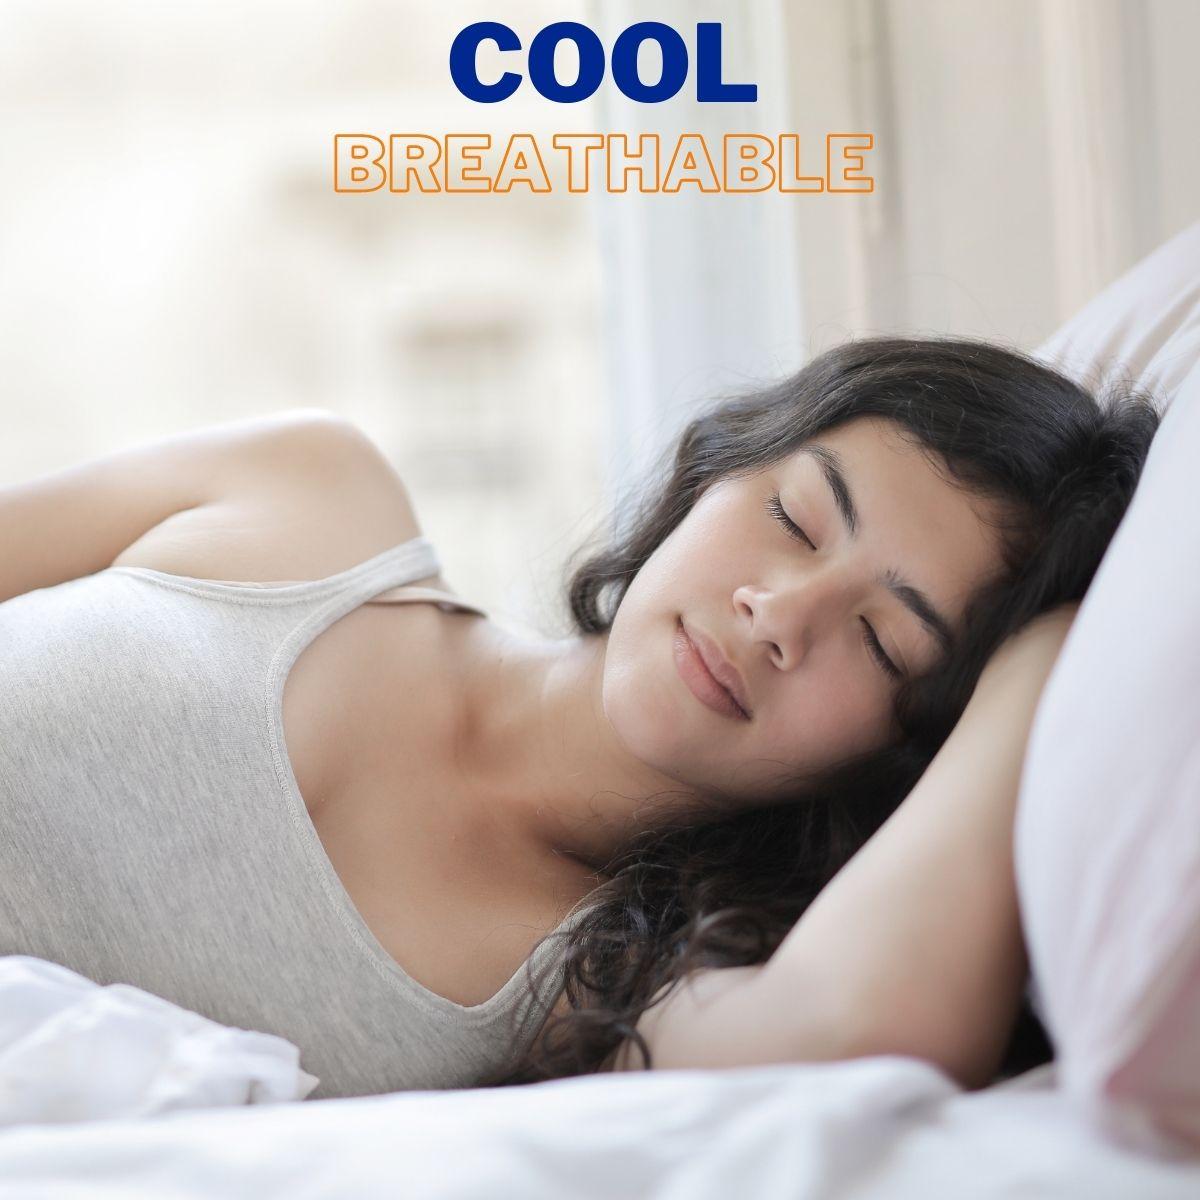 zensleep-bedsheet-cool-breathable